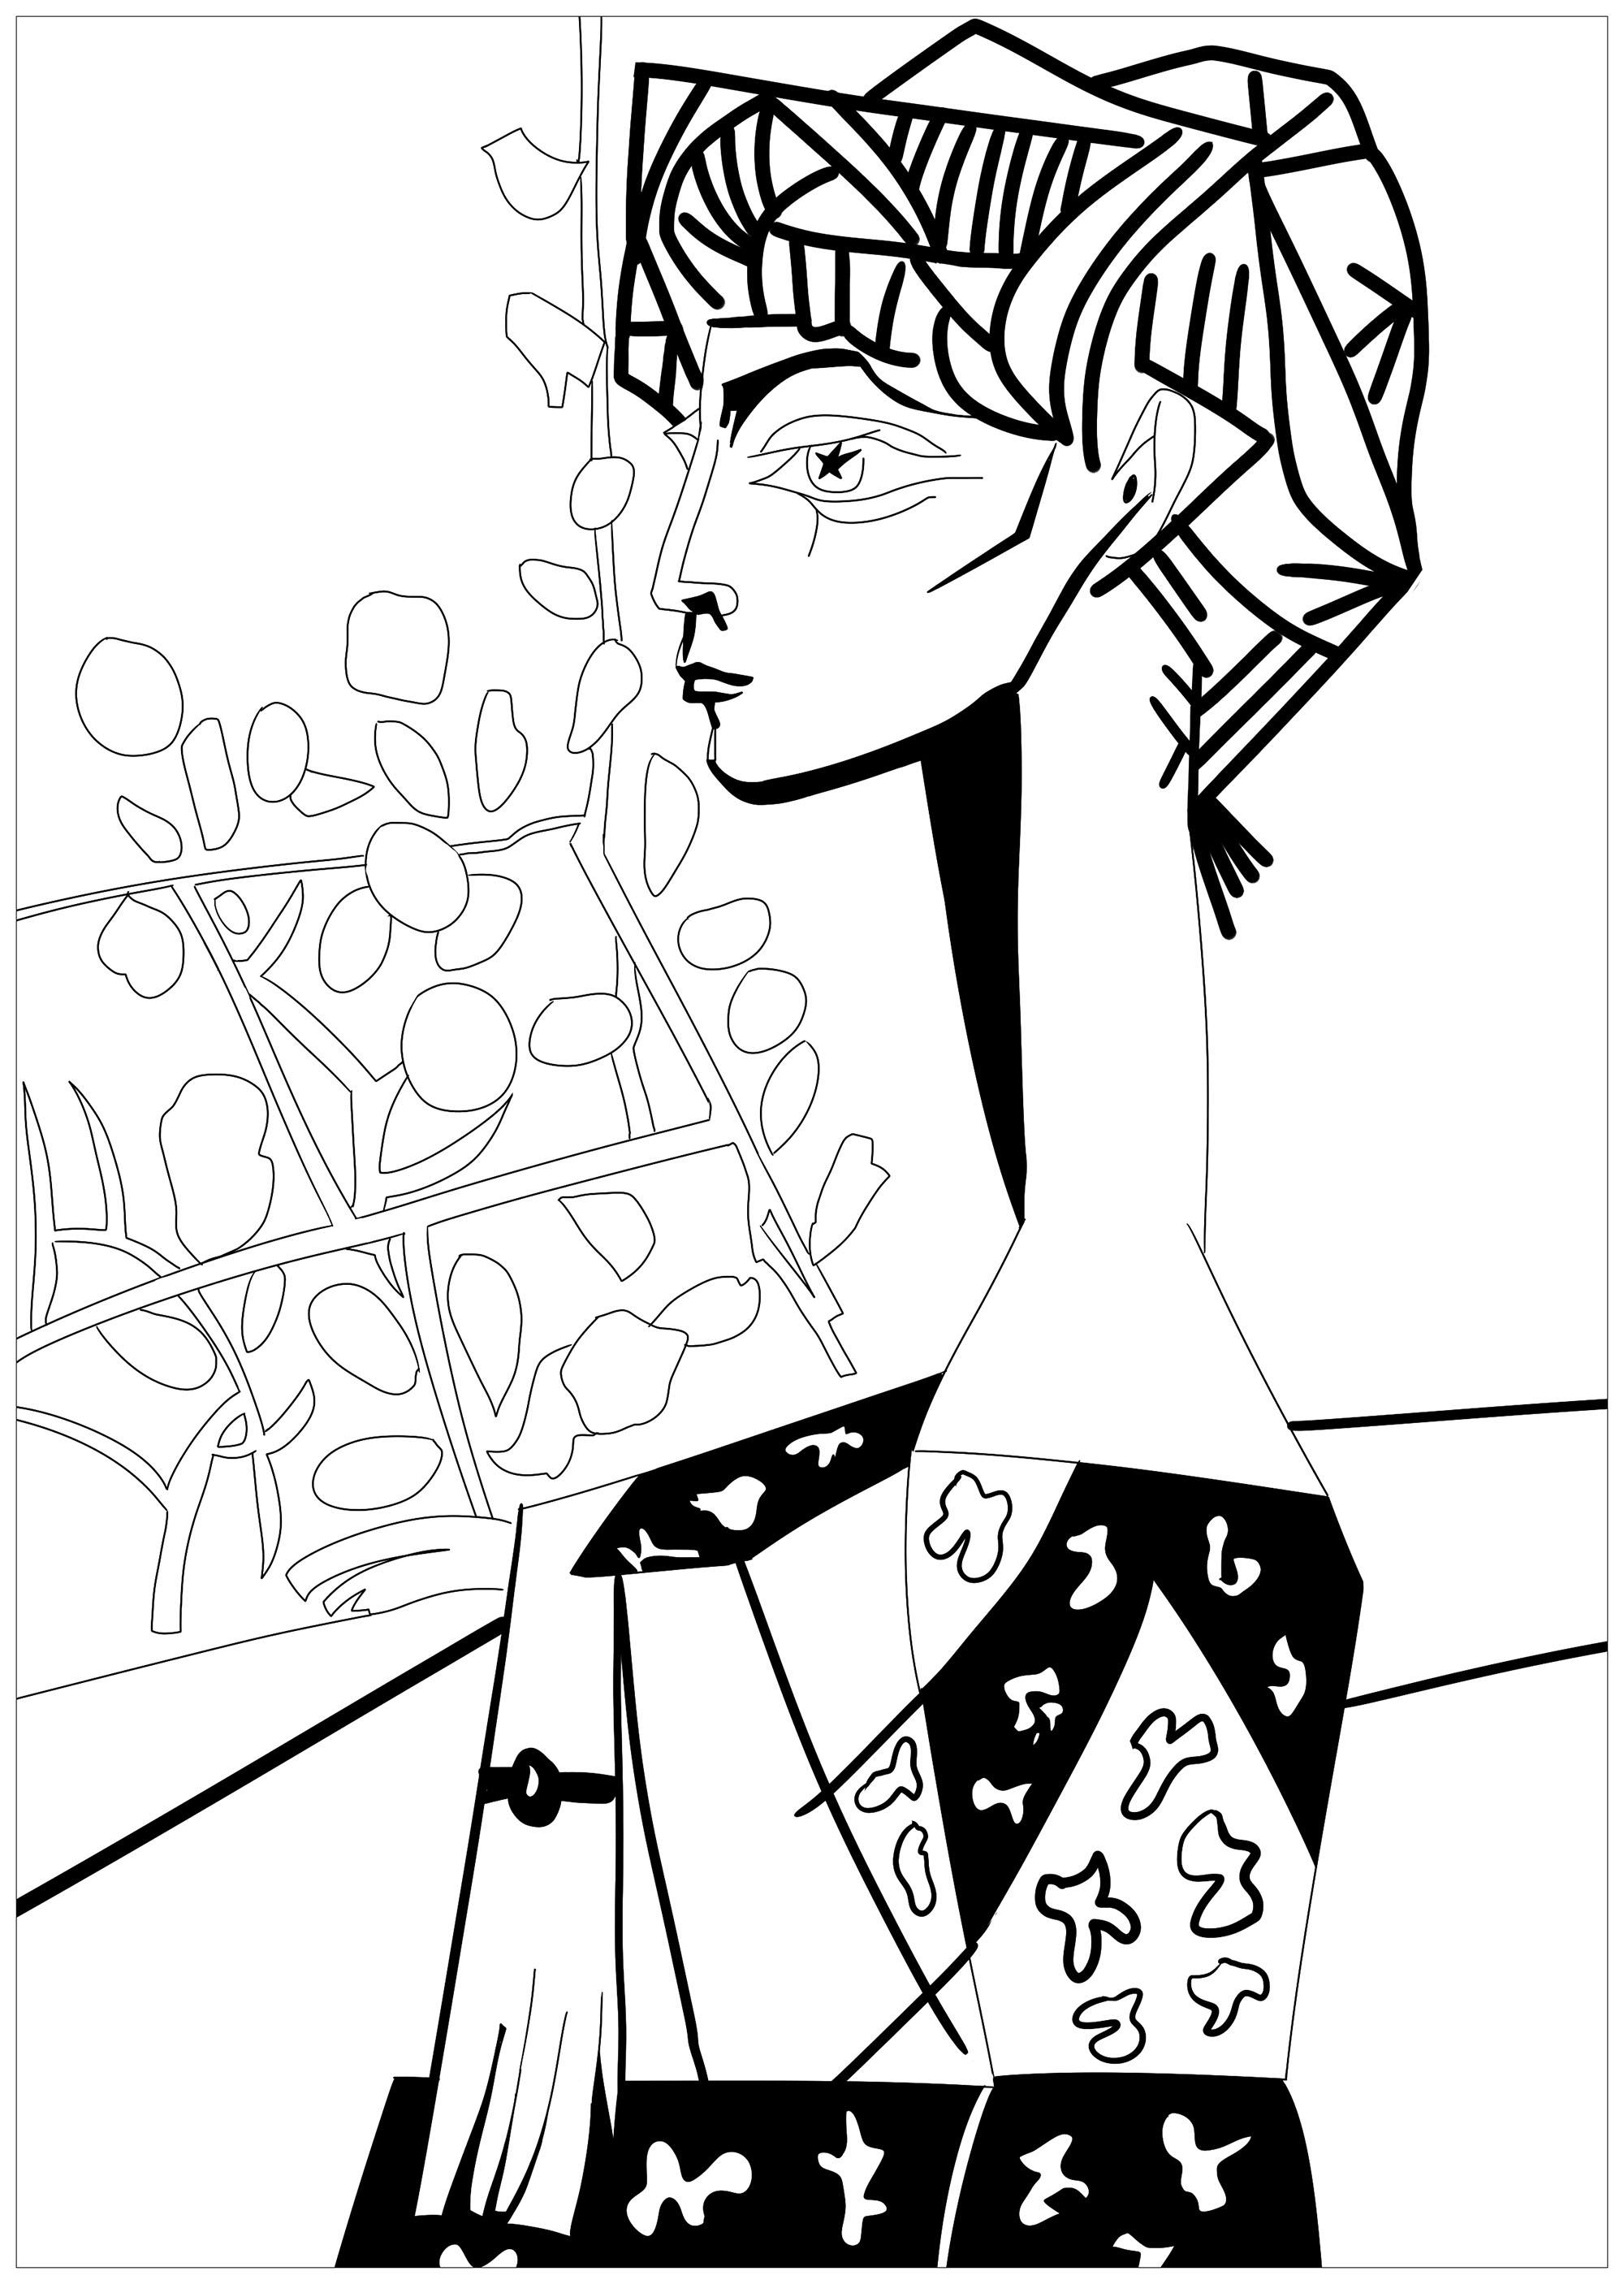 Coloriage inspiré de l'oeuvre de Pablo Picasso : Jacqueline avec des fleurs